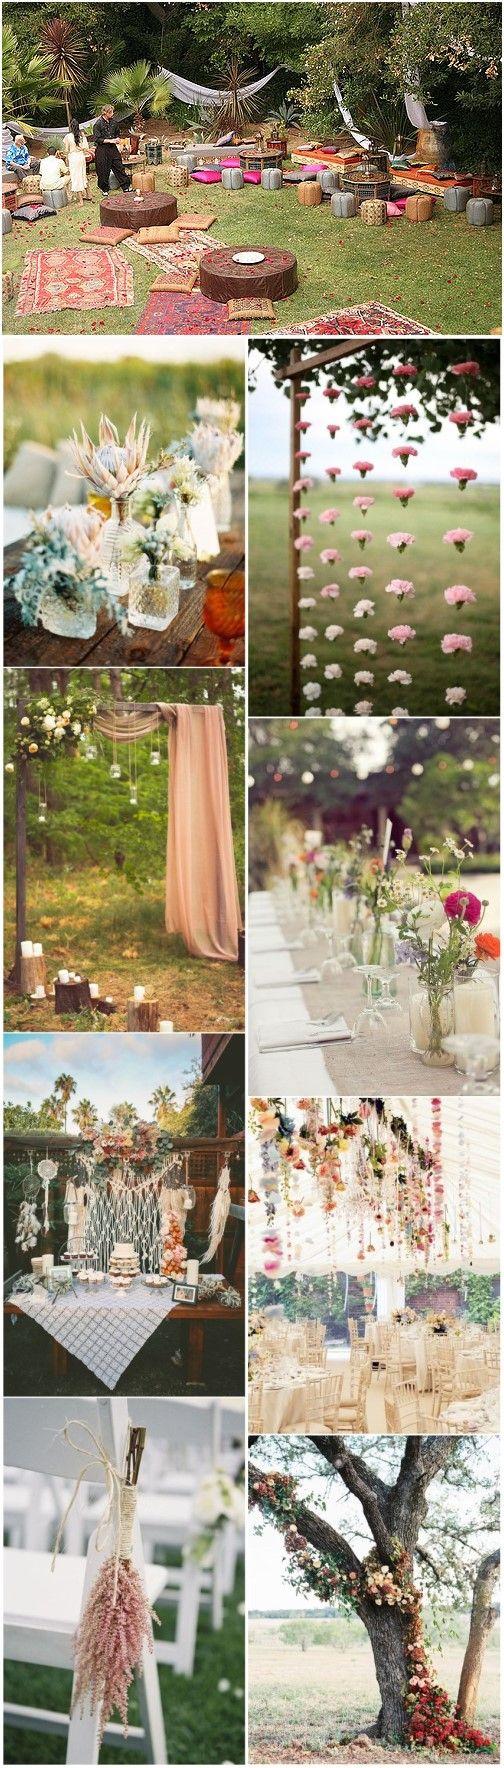 20+ gorgeous boho wedding décor ideas on pinterest | wedding